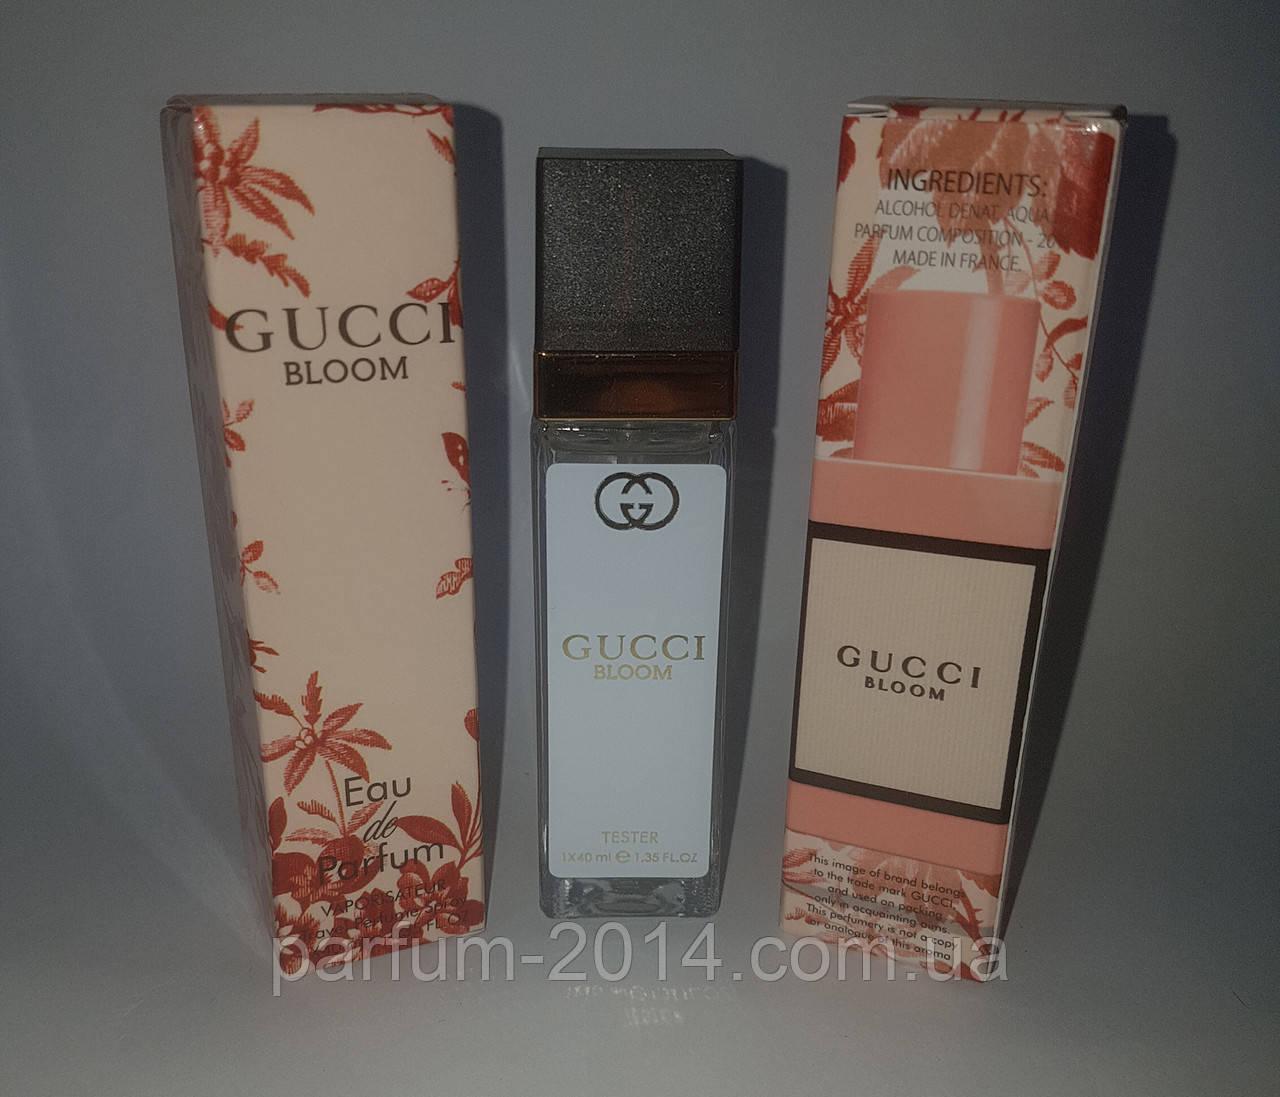 мини парфюм Gucci Bloom 40 мл реплика цена 81 грн купить в